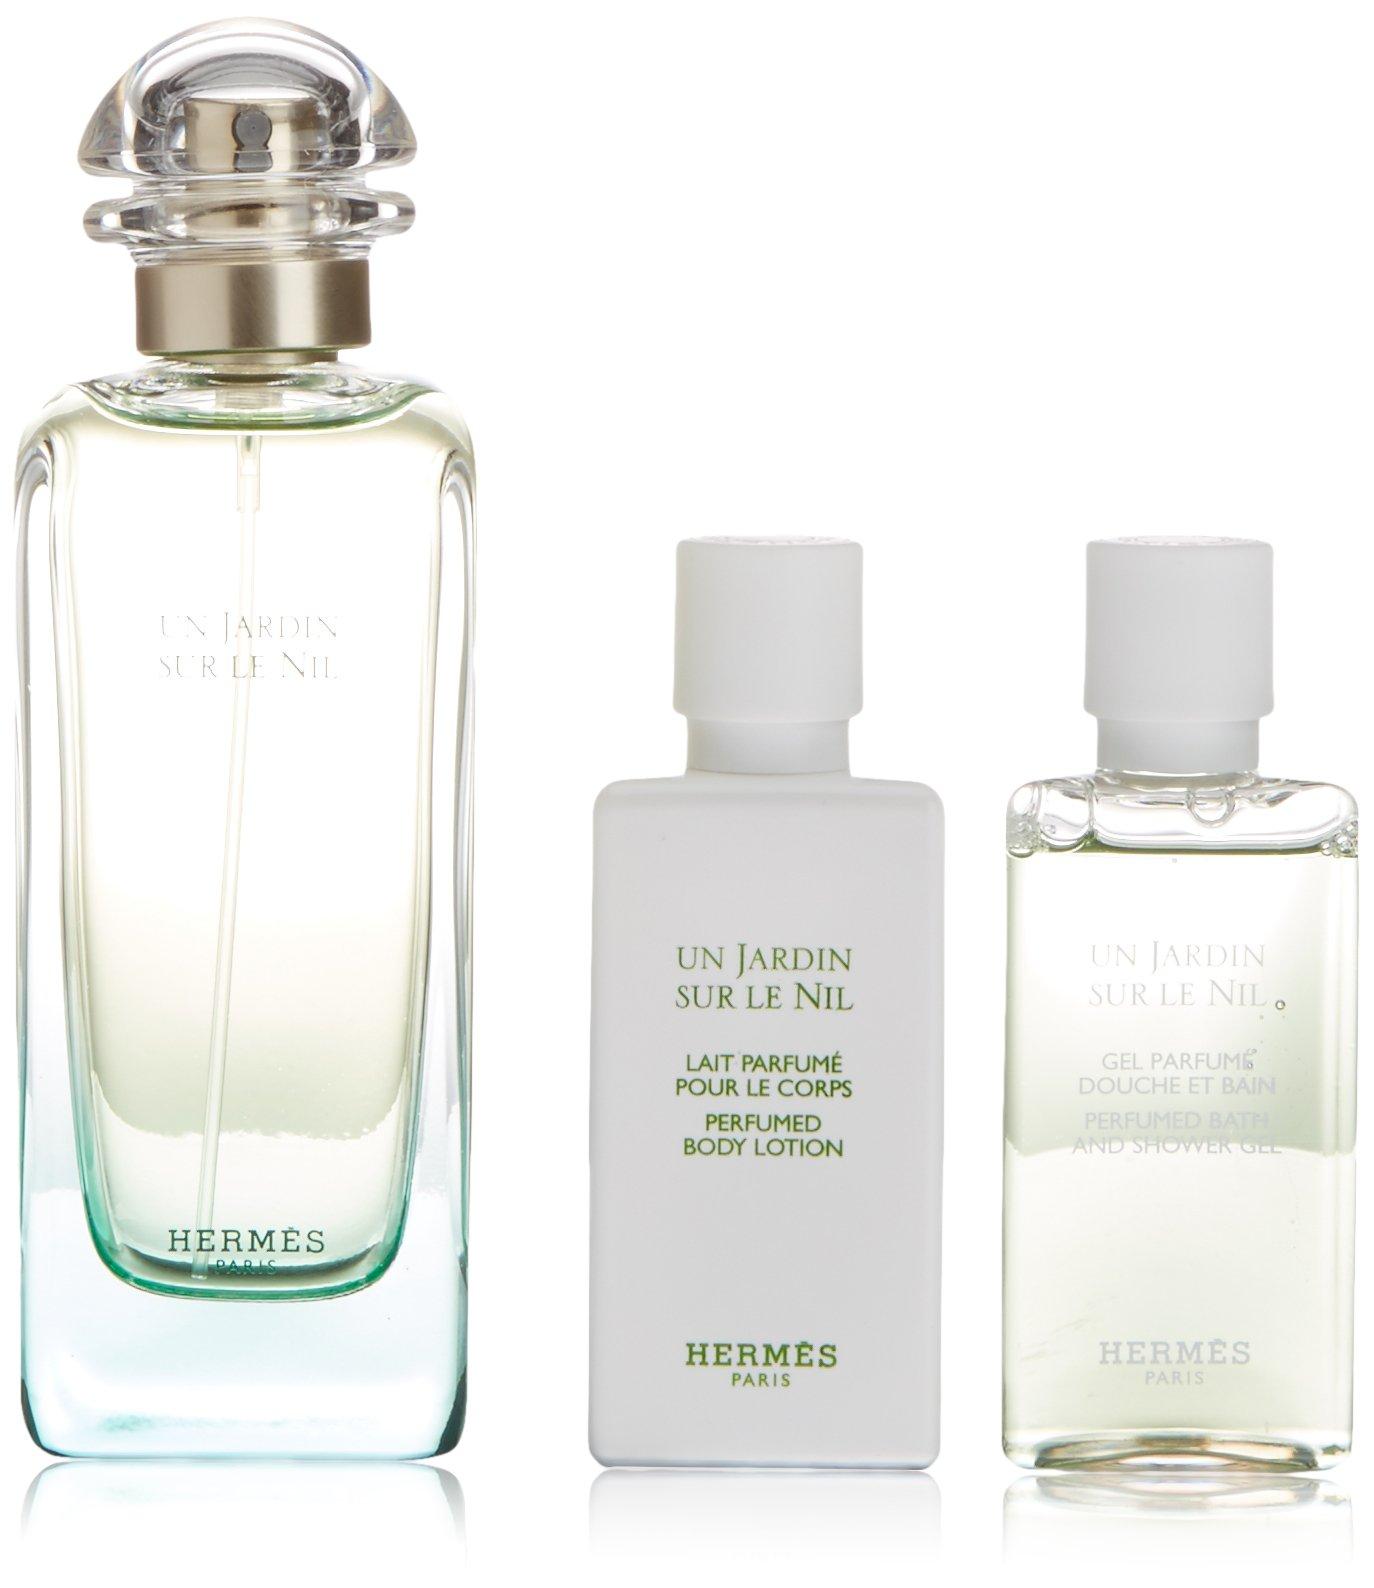 Hermes Un Jardin Sur Le Nil Fragrance Set, 3 Count